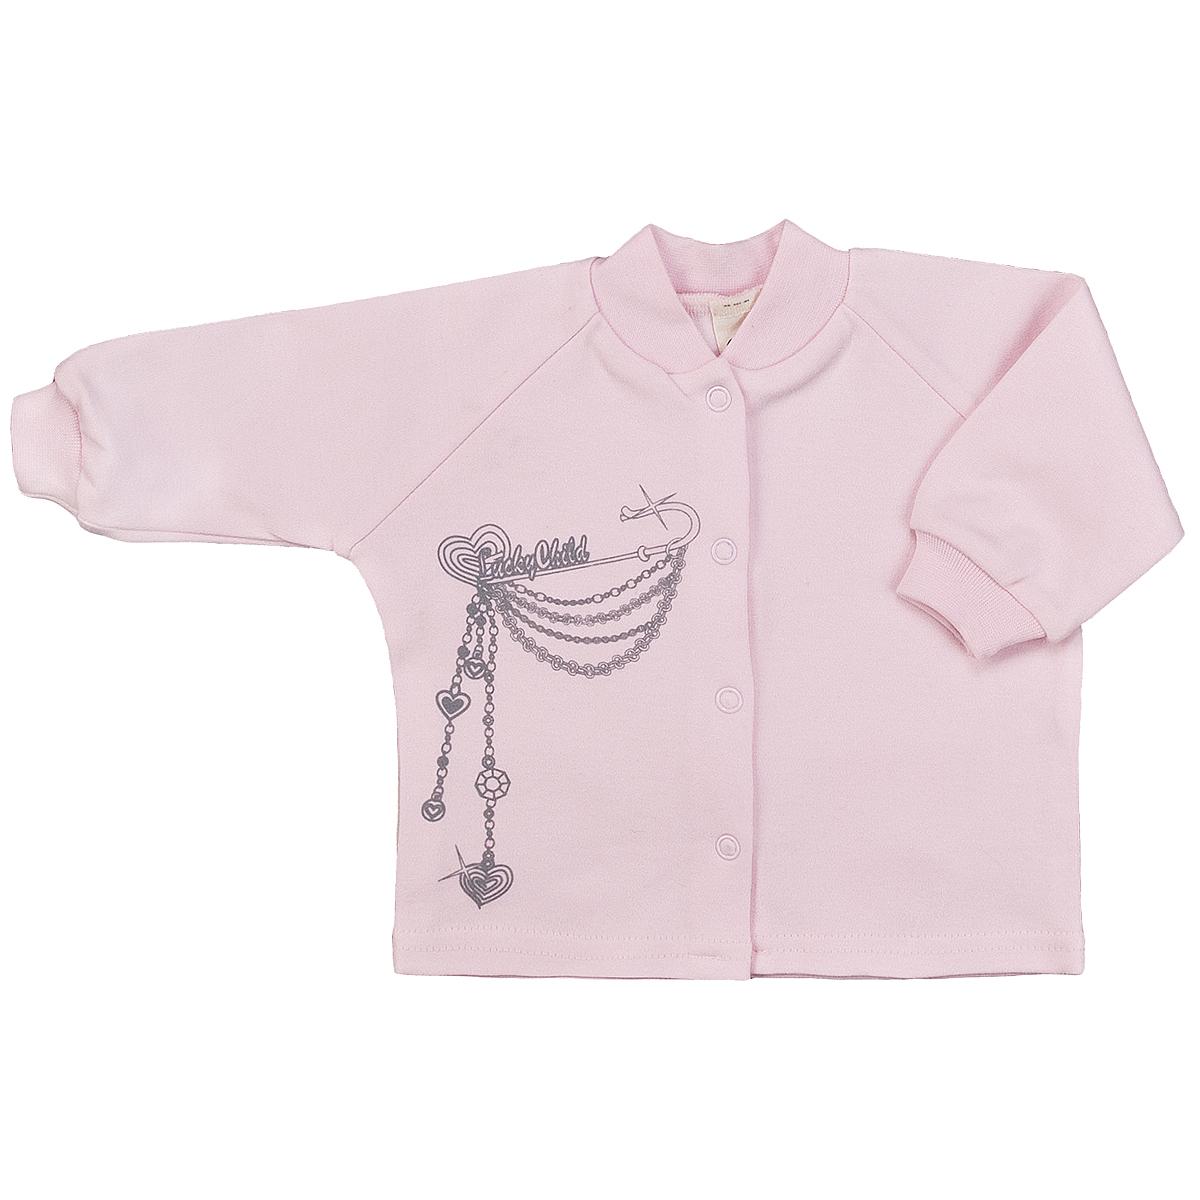 Кофточка для девочки Lucky Child, цвет: розовый. 2-12. Размер 86/922-12Кофточка для новорожденной девочки Lucky Child с длинными рукавами-реглан послужит идеальным дополнением к гардеробу вашей малышки, обеспечивая ей наибольший комфорт. Изготовленная из интерлока - натурального хлопка, она необычайно мягкая и легкая, не раздражает нежную кожу ребенка и хорошо вентилируется, а эластичные швы приятны телу малышки и не препятствуют ее движениям. Удобные застежки-кнопки по всей длине помогают легко переодеть младенца. Рукава понизу дополнены широкими трикотажными манжетами, не стягивающими запястья.Спереди модель оформлена оригинальным принтом, имитирующим цепочки с украшениями. Кофточка полностью соответствует особенностям жизни ребенка в ранний период, не стесняя и не ограничивая его в движениях. В ней ваша малышка всегда будет в центре внимания.